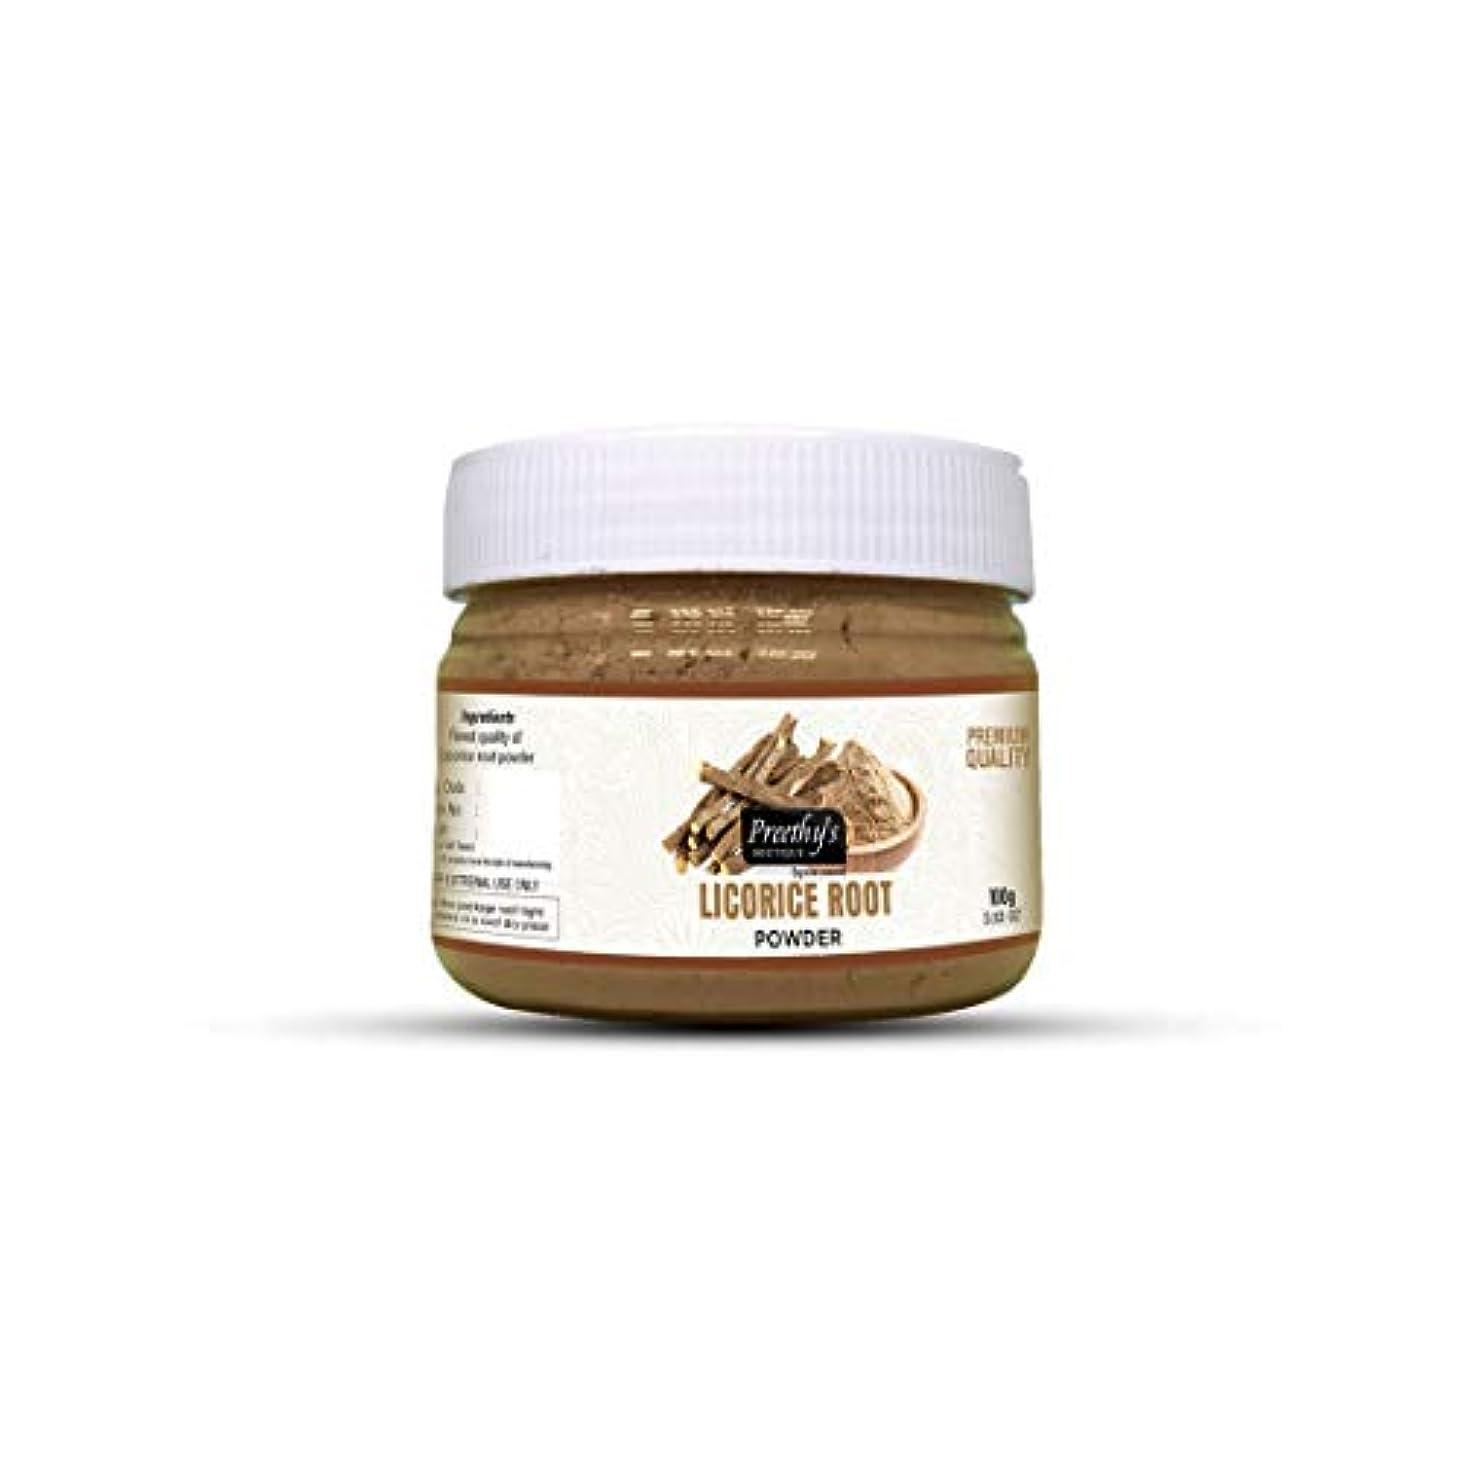 サーバント銛芽Licorice (Mulethi) Powder For Skin Whitening 100 Grams - Natural Remedies for Skin disorders - Helps to diminish and lighten dark spots, age spots, blackheads, whiteheads - 100グラムを白くする肌用の甘草(Mulethi)パウダー-スキンブライトニング-ダークスポット、エイジスポット、にきび、ホワイトヘッドを減らして明るくするのに役立ちます